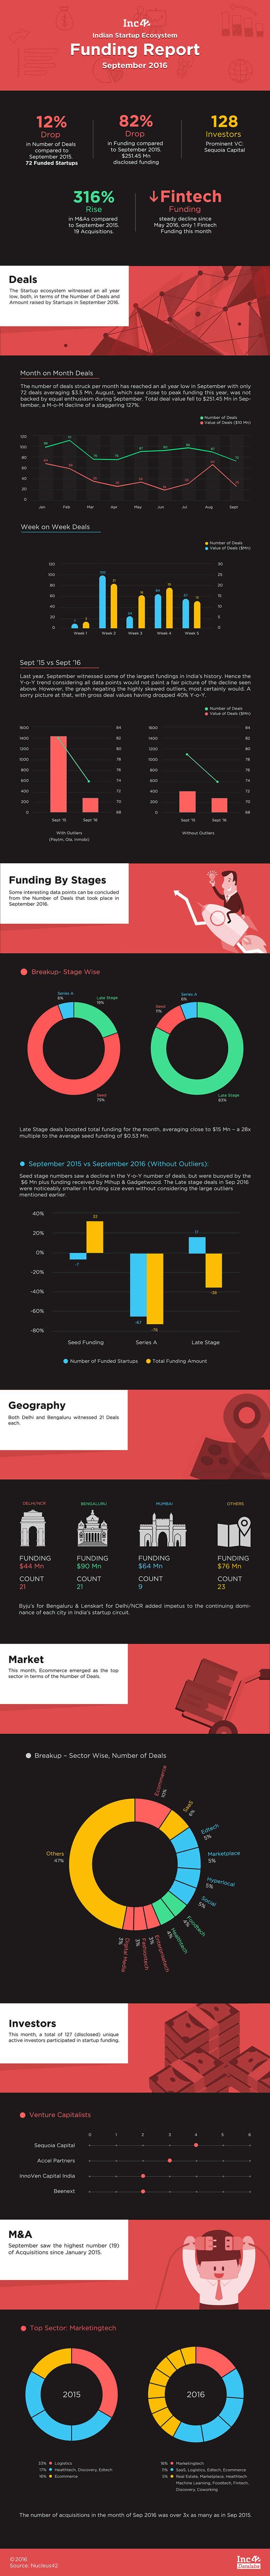 September-Funding-Report